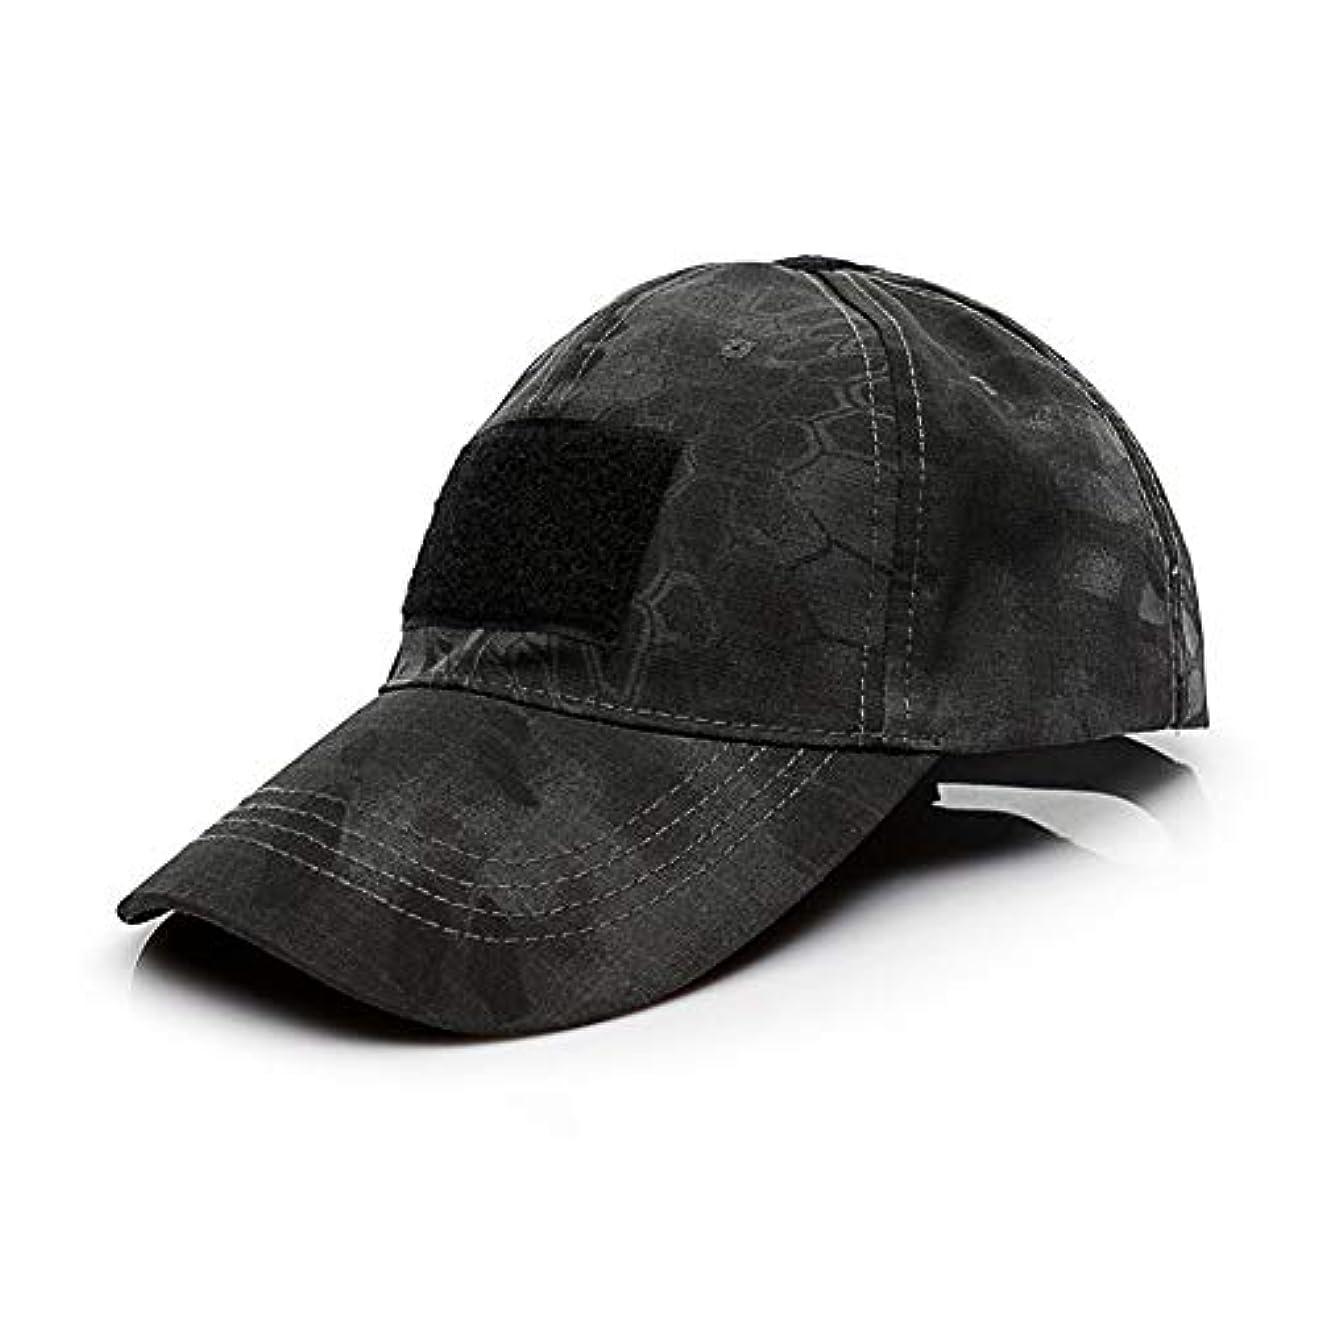 力学武器保持ACHICOO 野球帽 迷彩 キャップ 日焼け止め 紫外線防止 帽子 軍事ファン アウトドア